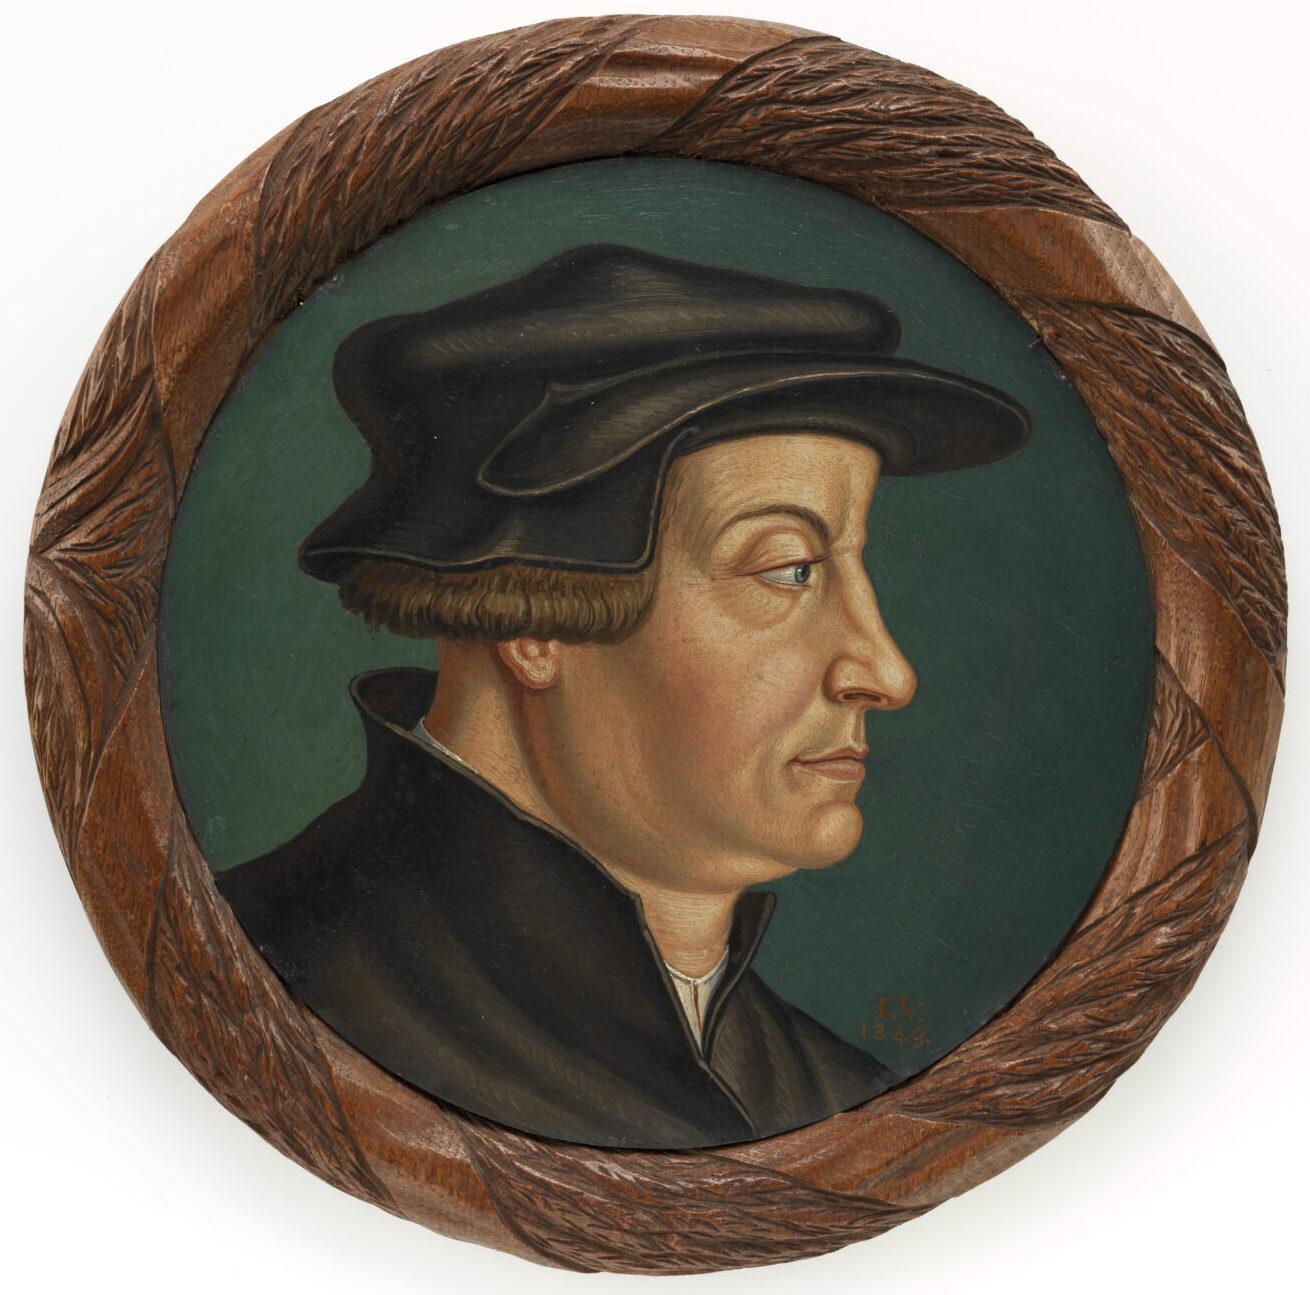 Porträt von Huldrych Zwingli. Gemalt hat es Ludwig Georg Vogel im 19. Jahrhundert.